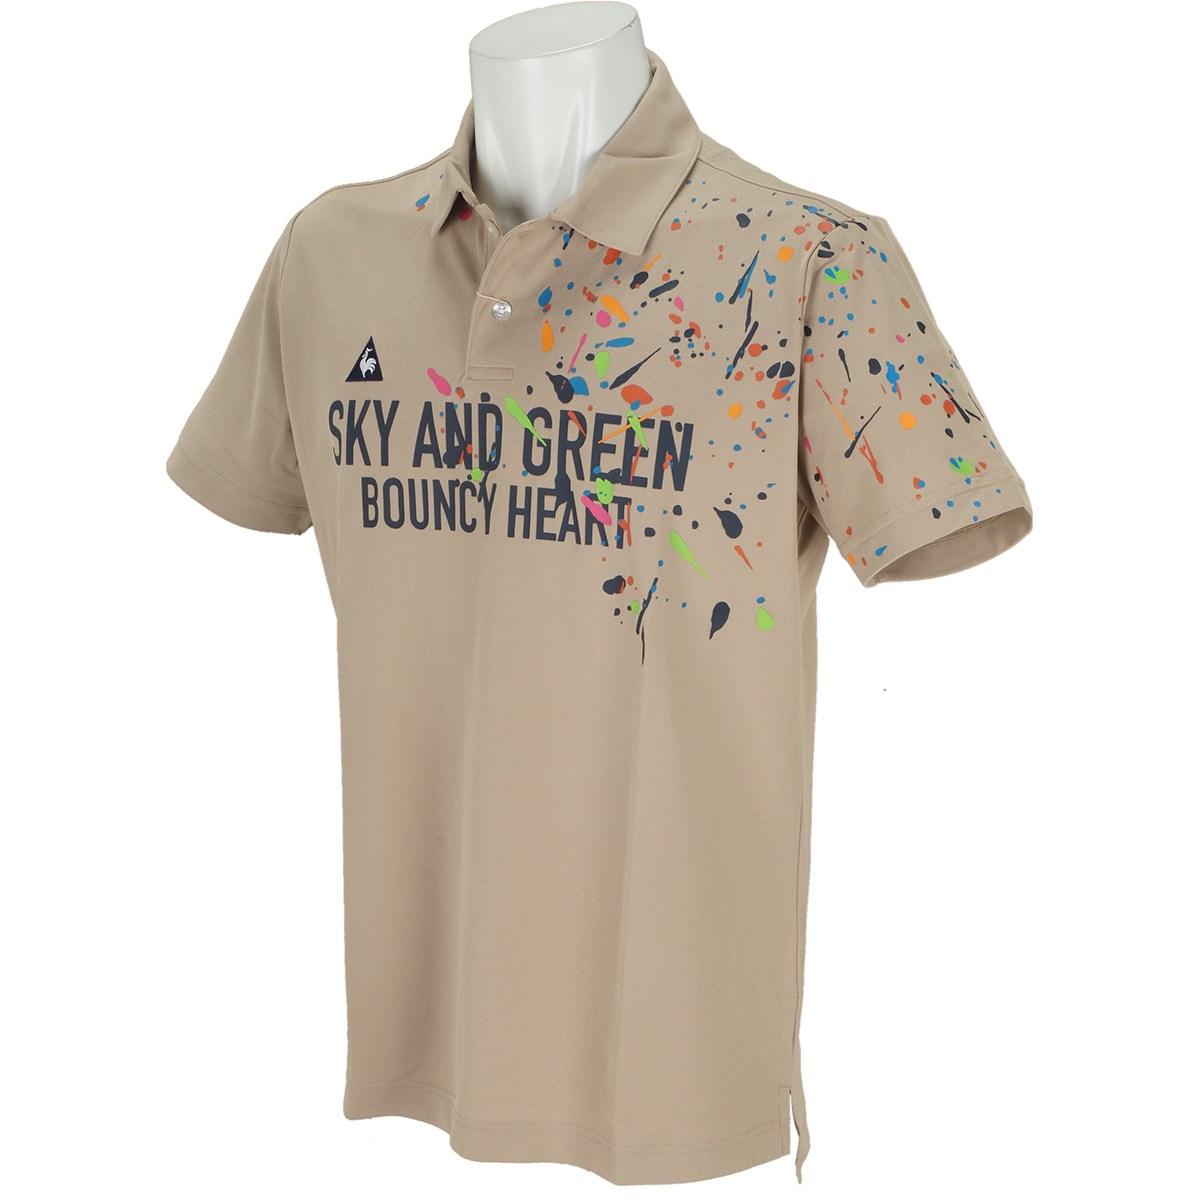 ルコックゴルフ Le coq sportif GOLF クーリストスプラッシュパネルプリント半袖ポロシャツ L ベージュ 00